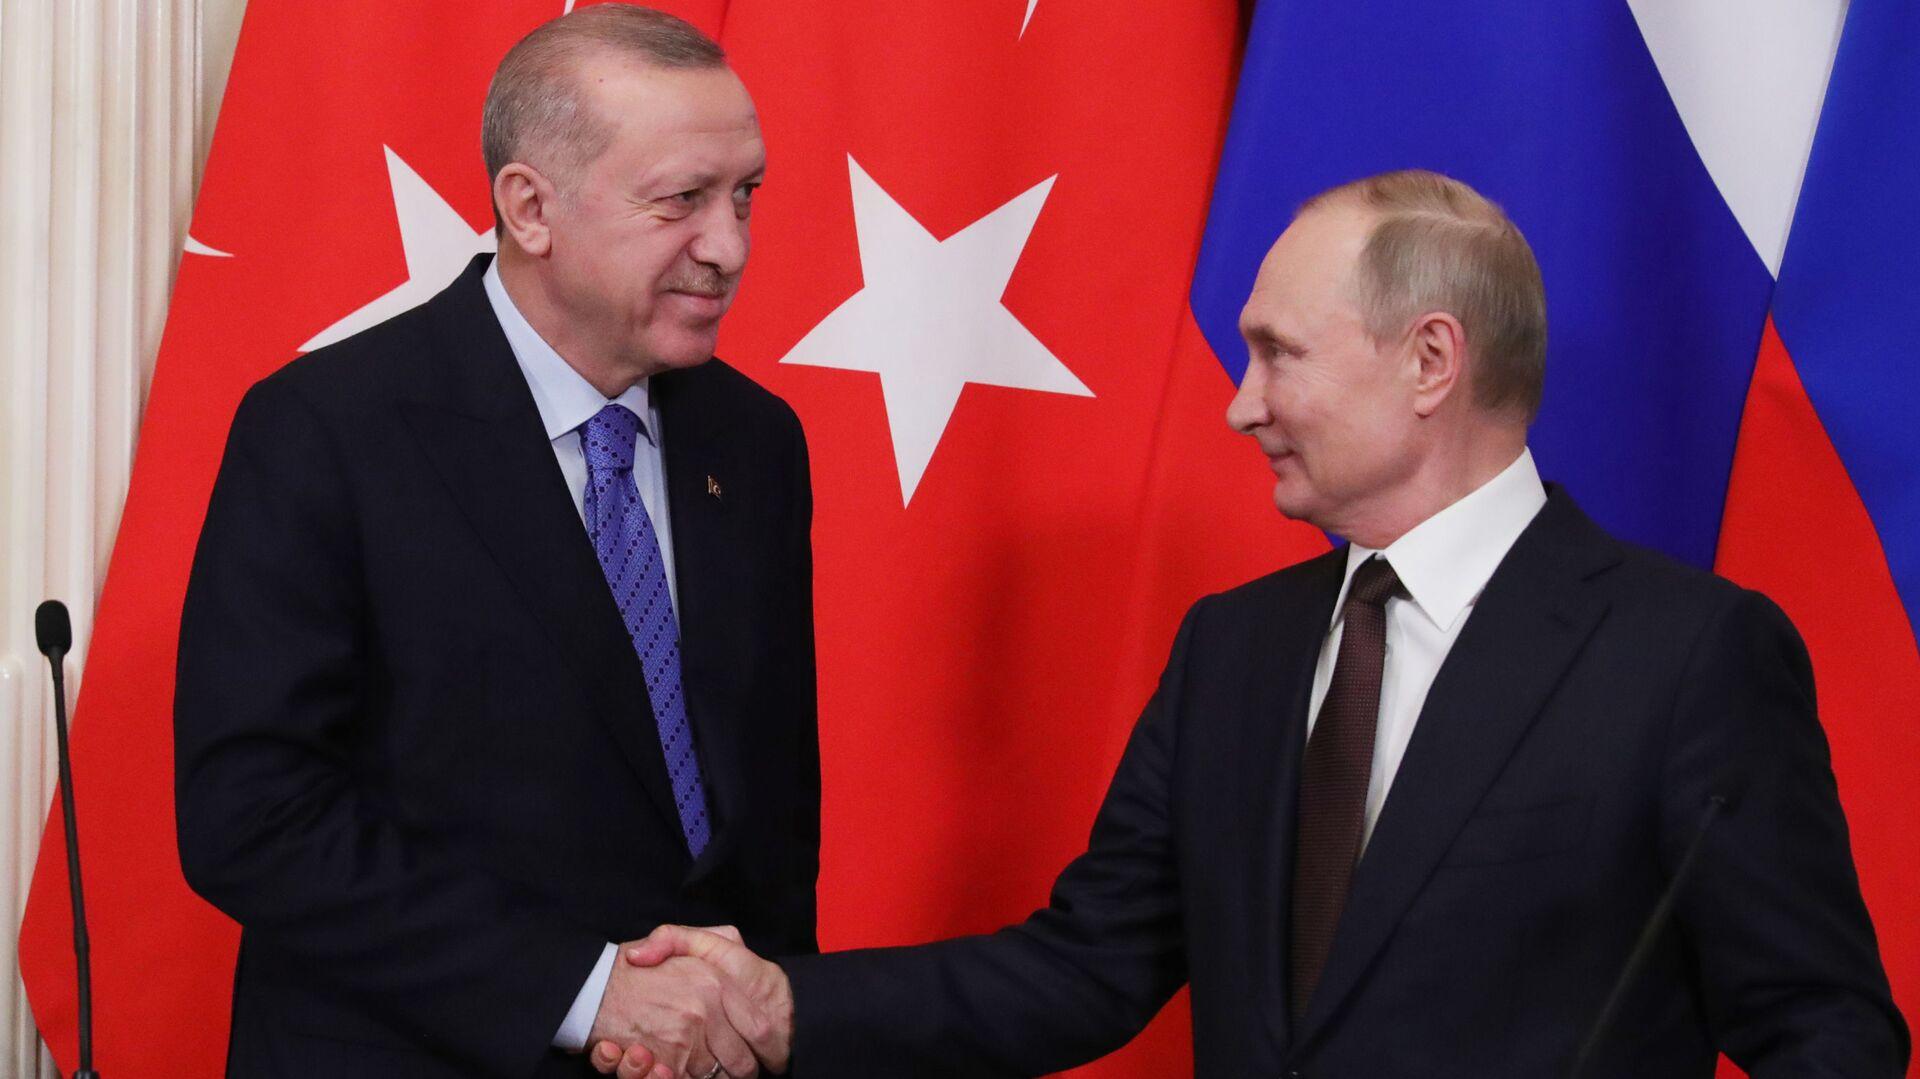 Šta su se dogovorili Putin i Erdogan - Sputnik Srbija, 1920, 28.09.2021